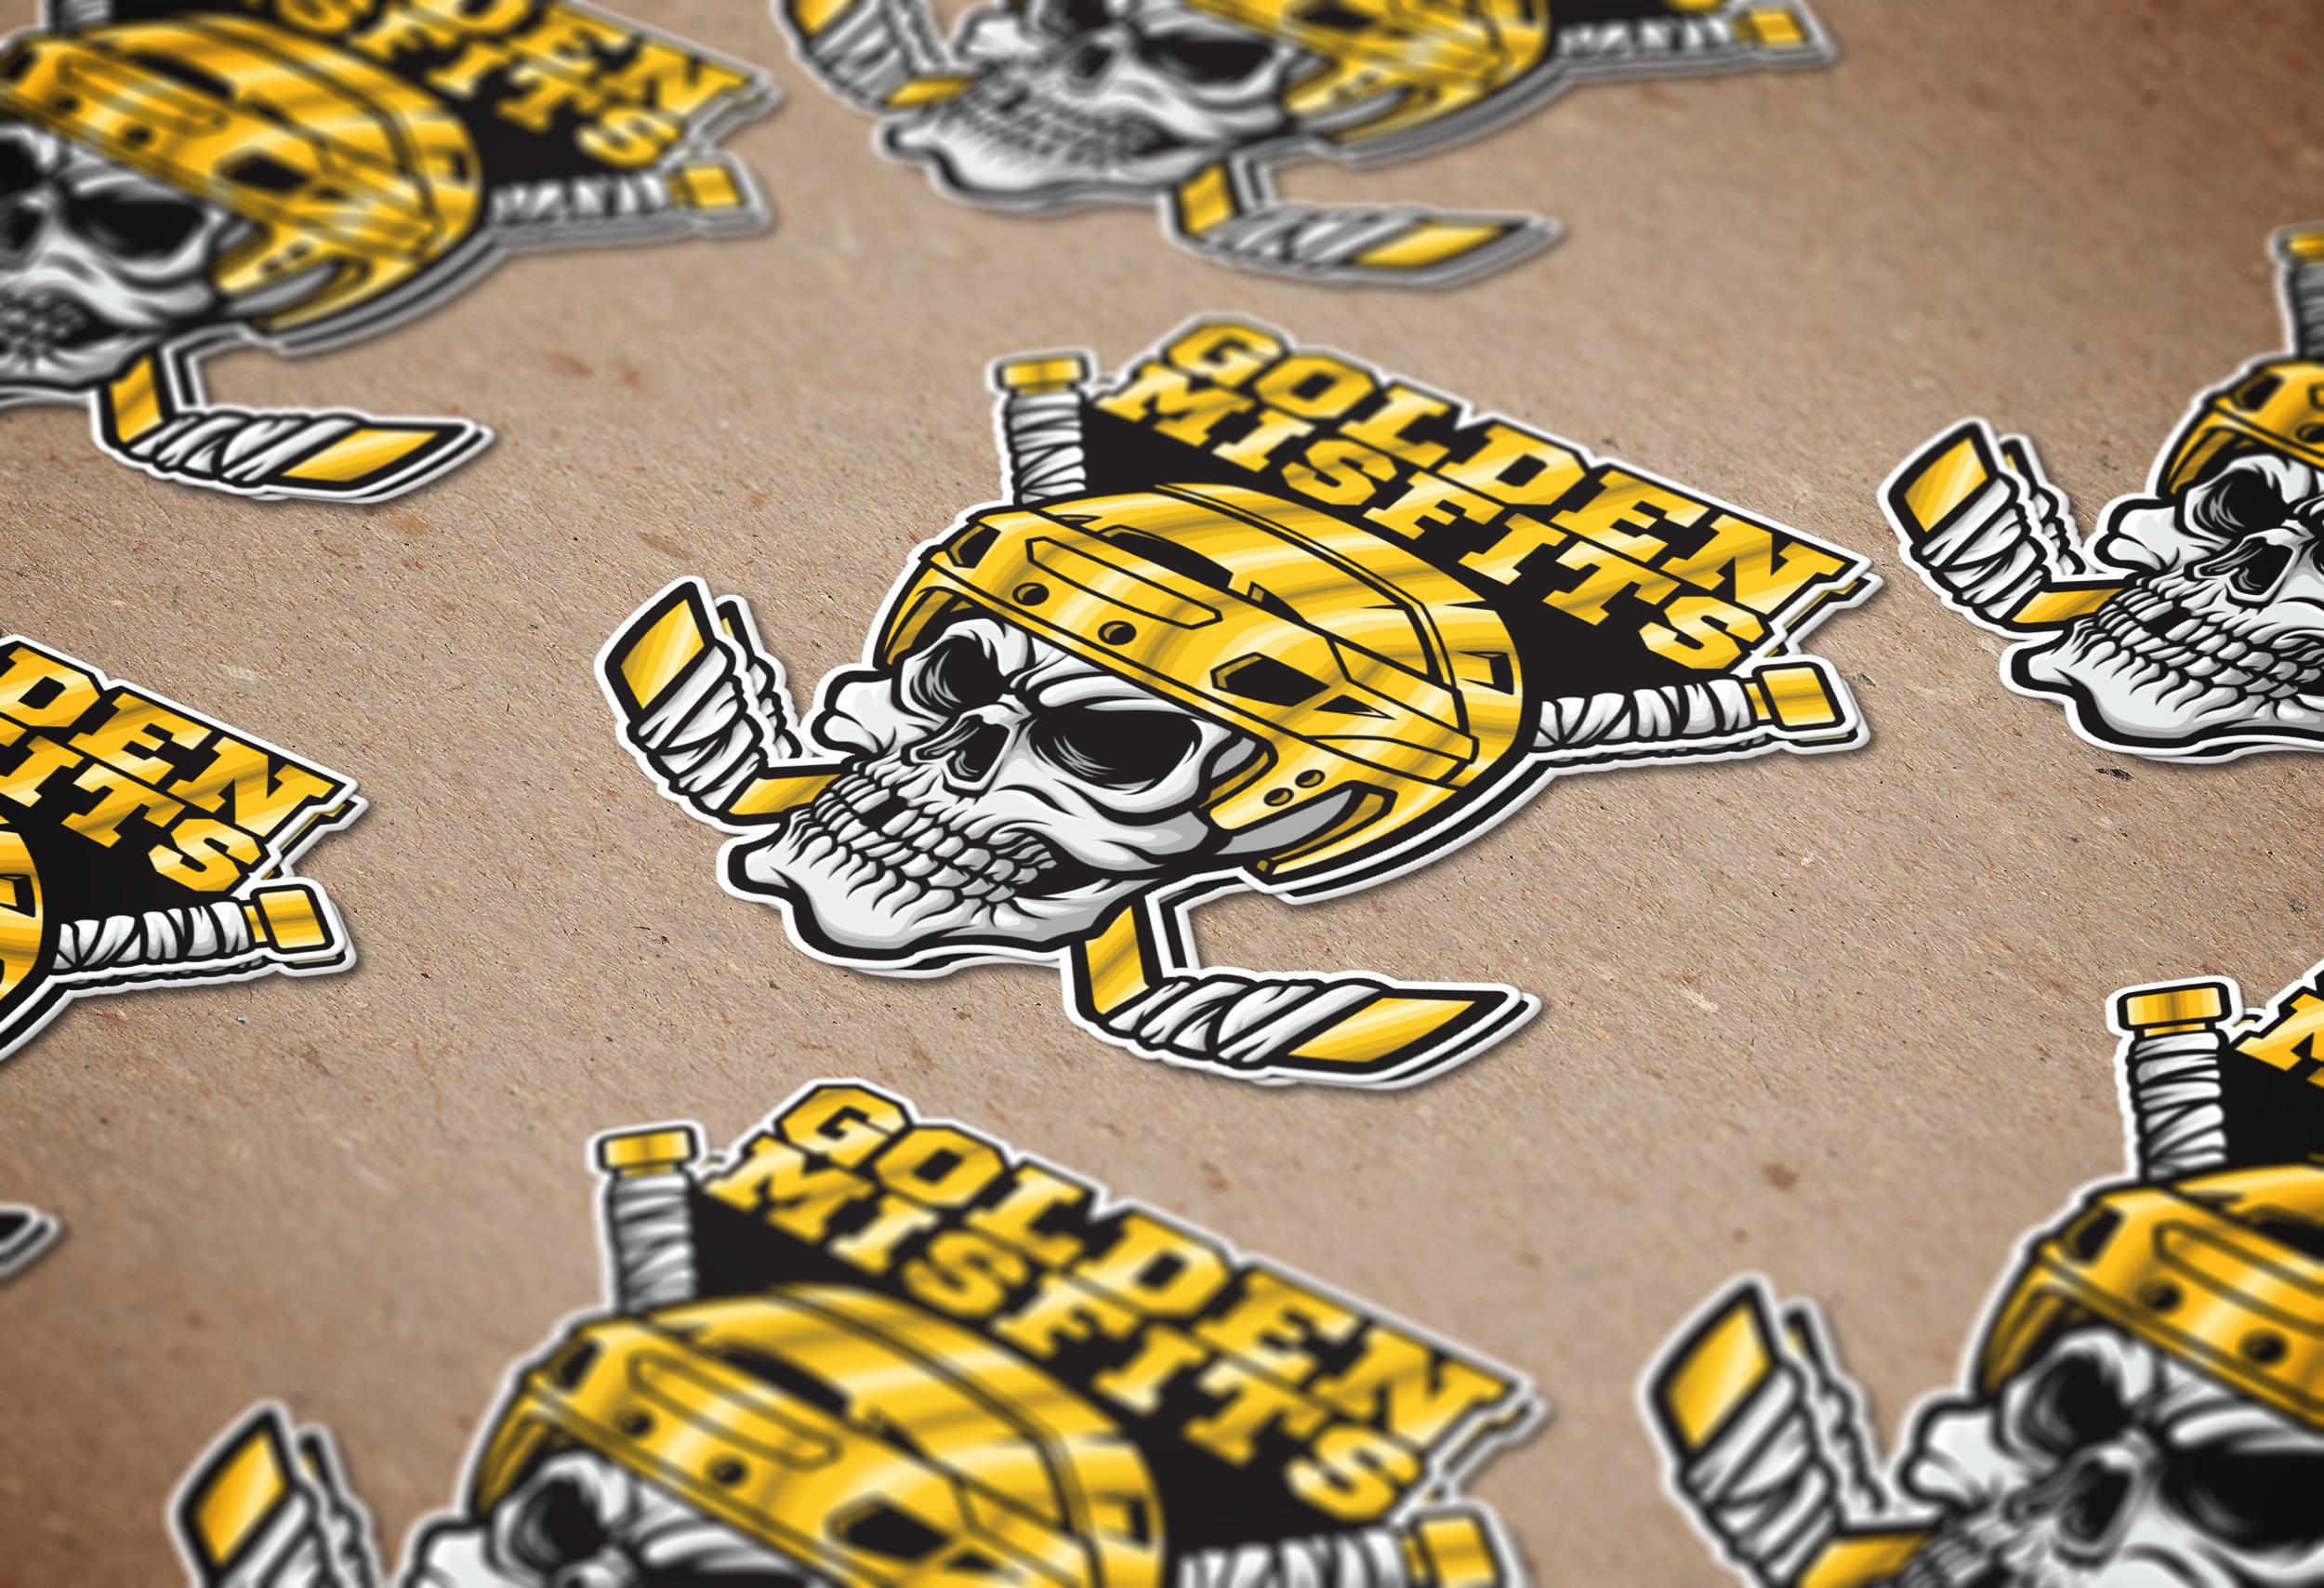 VGK-Misfit-Skull-Sticker3 .jpg